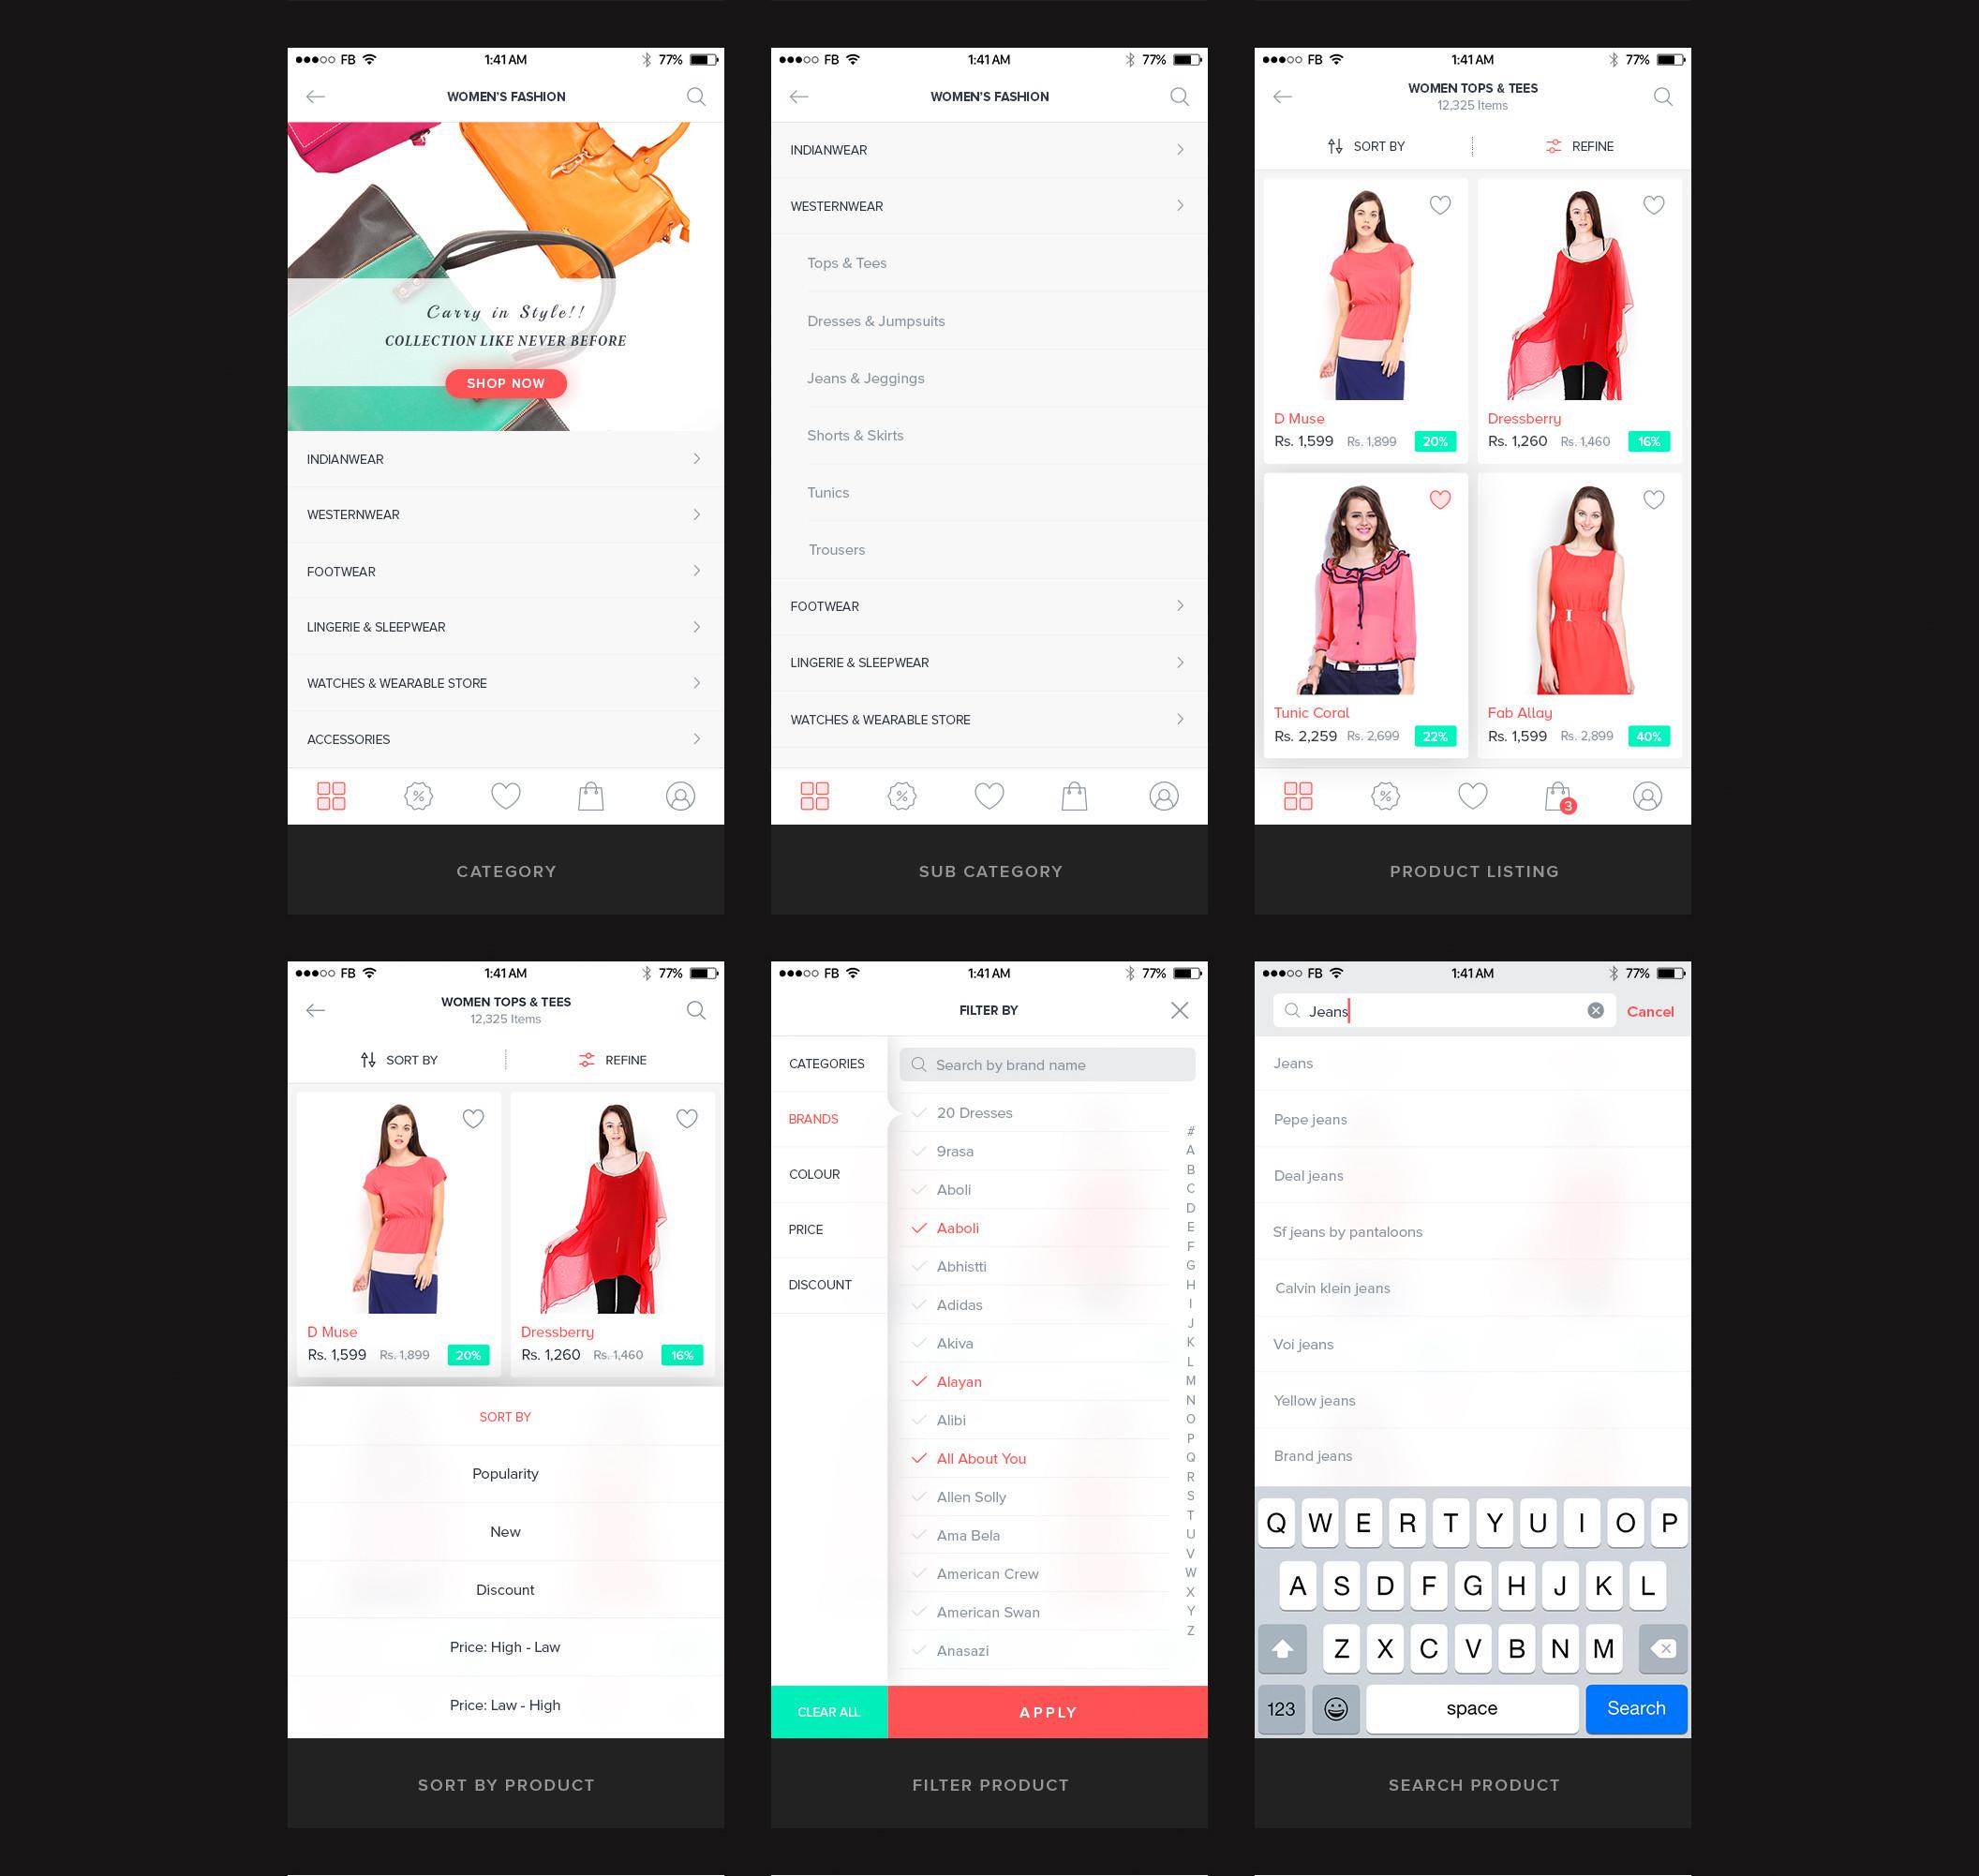 一个专业简洁的电商购物完整Ui界面设计 psd素材下载 界面-第3张